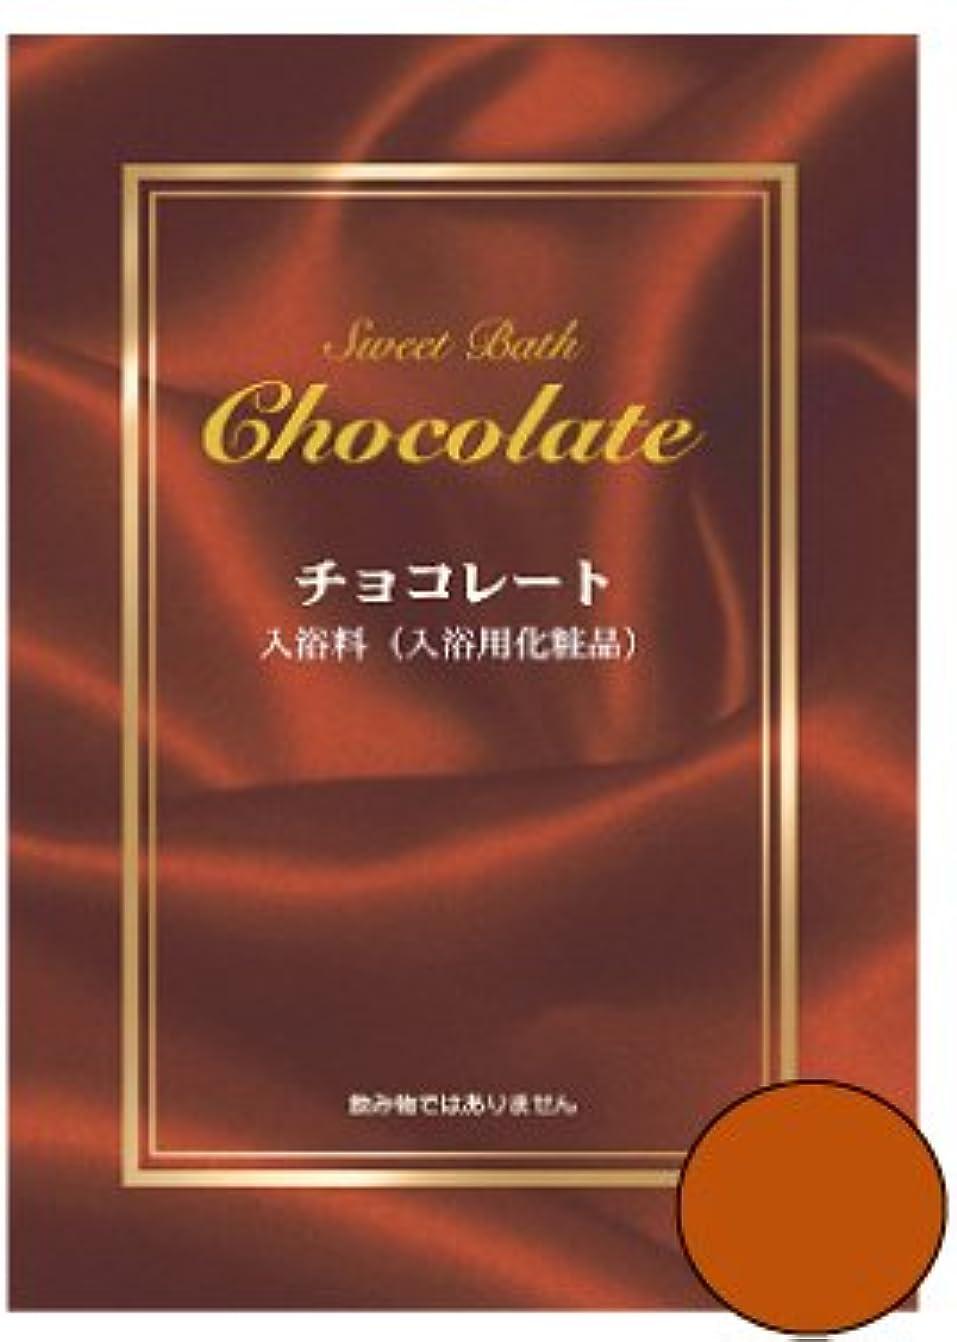 アノイサスペンション超えて【30包】スウィートバス チョコレート入浴料